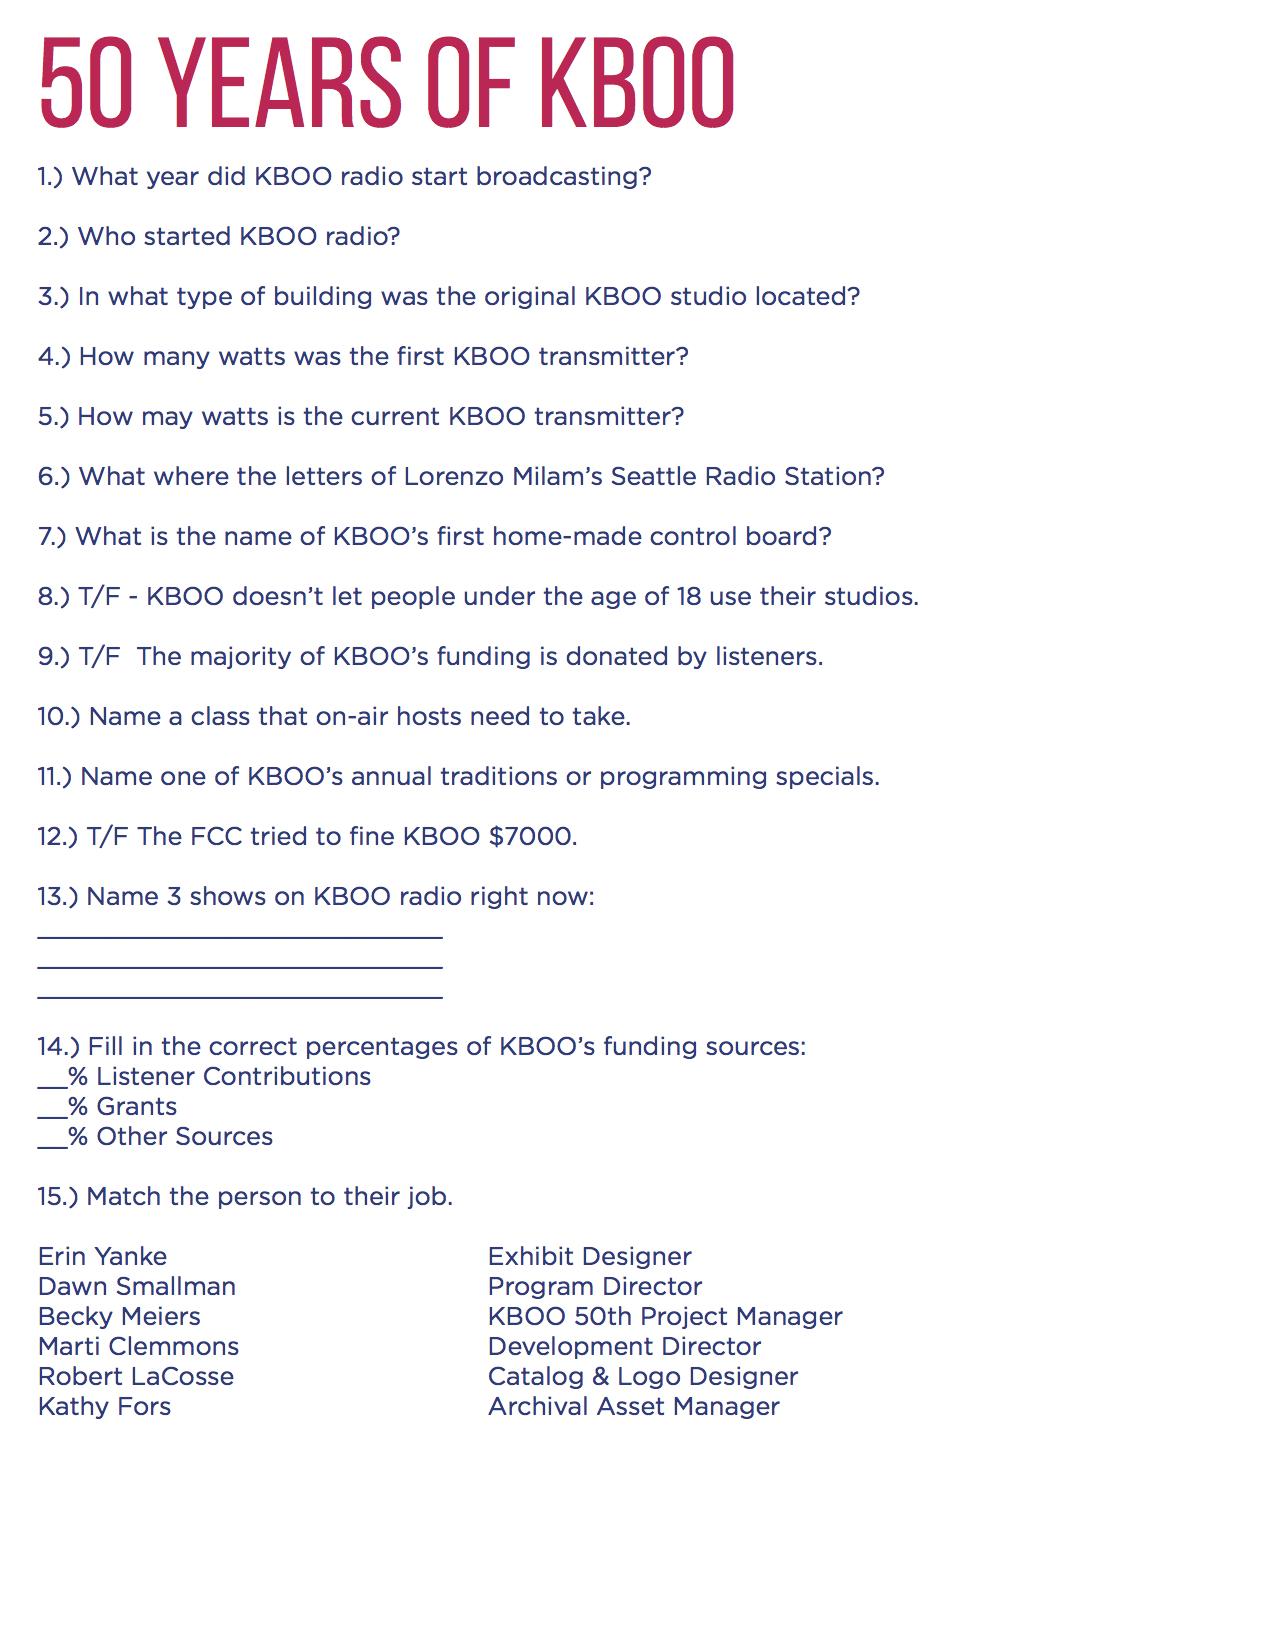 KBOO 50th worksheet_brief.jpg